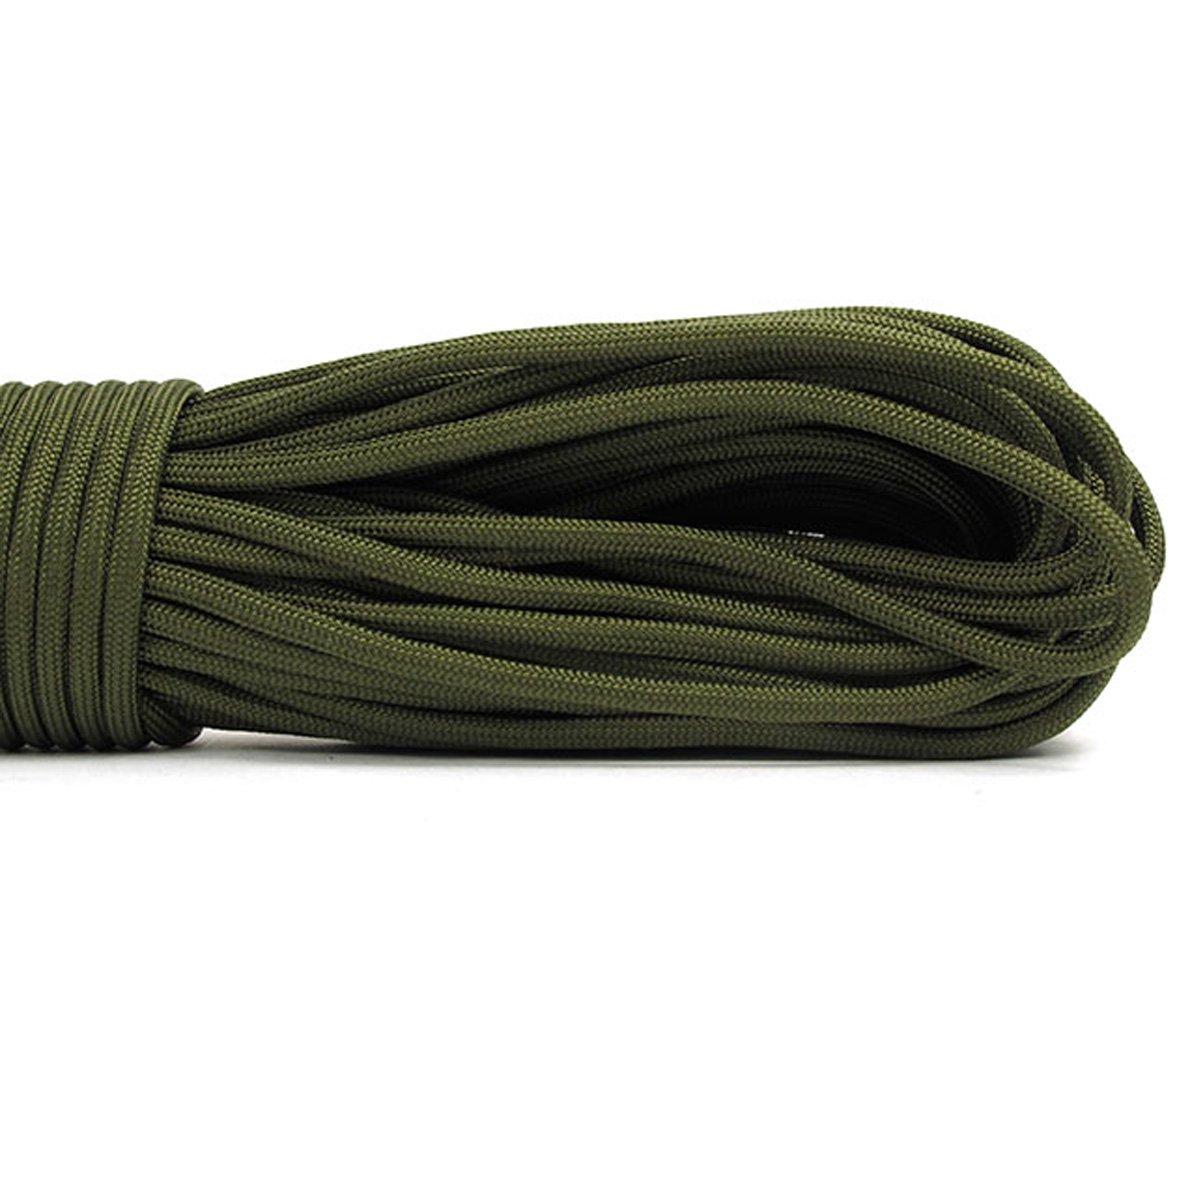 Cuerda de nailon para paracaídas, cuerda de supervivencia de 7 hilos, cuerda de paracaídas, cuerda para camping, senderismo, viajes, al aire libre y uso doméstico, pulsera trenzada con cordón 01# - Black QINGKONG